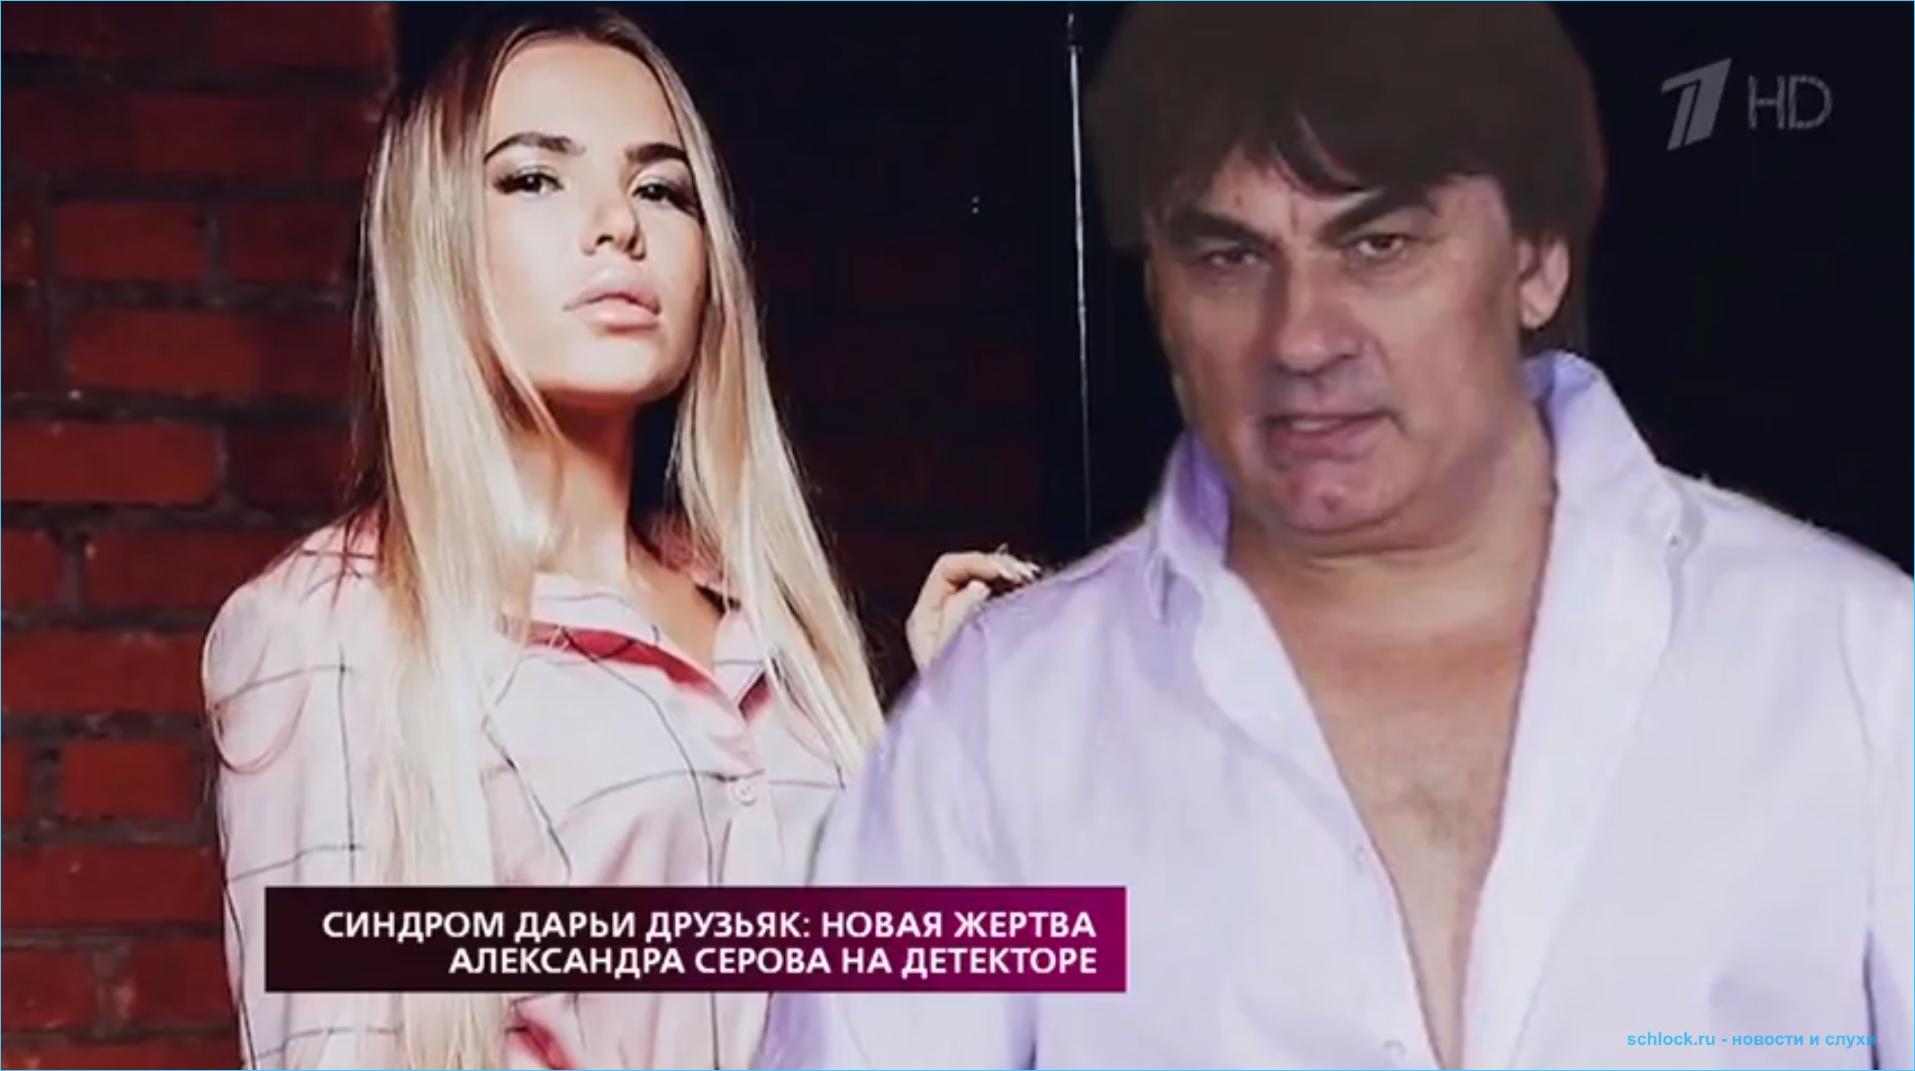 Екатерина Колисниченко пошла по стопам Друзьяк, выдвинув обвинение Серову!